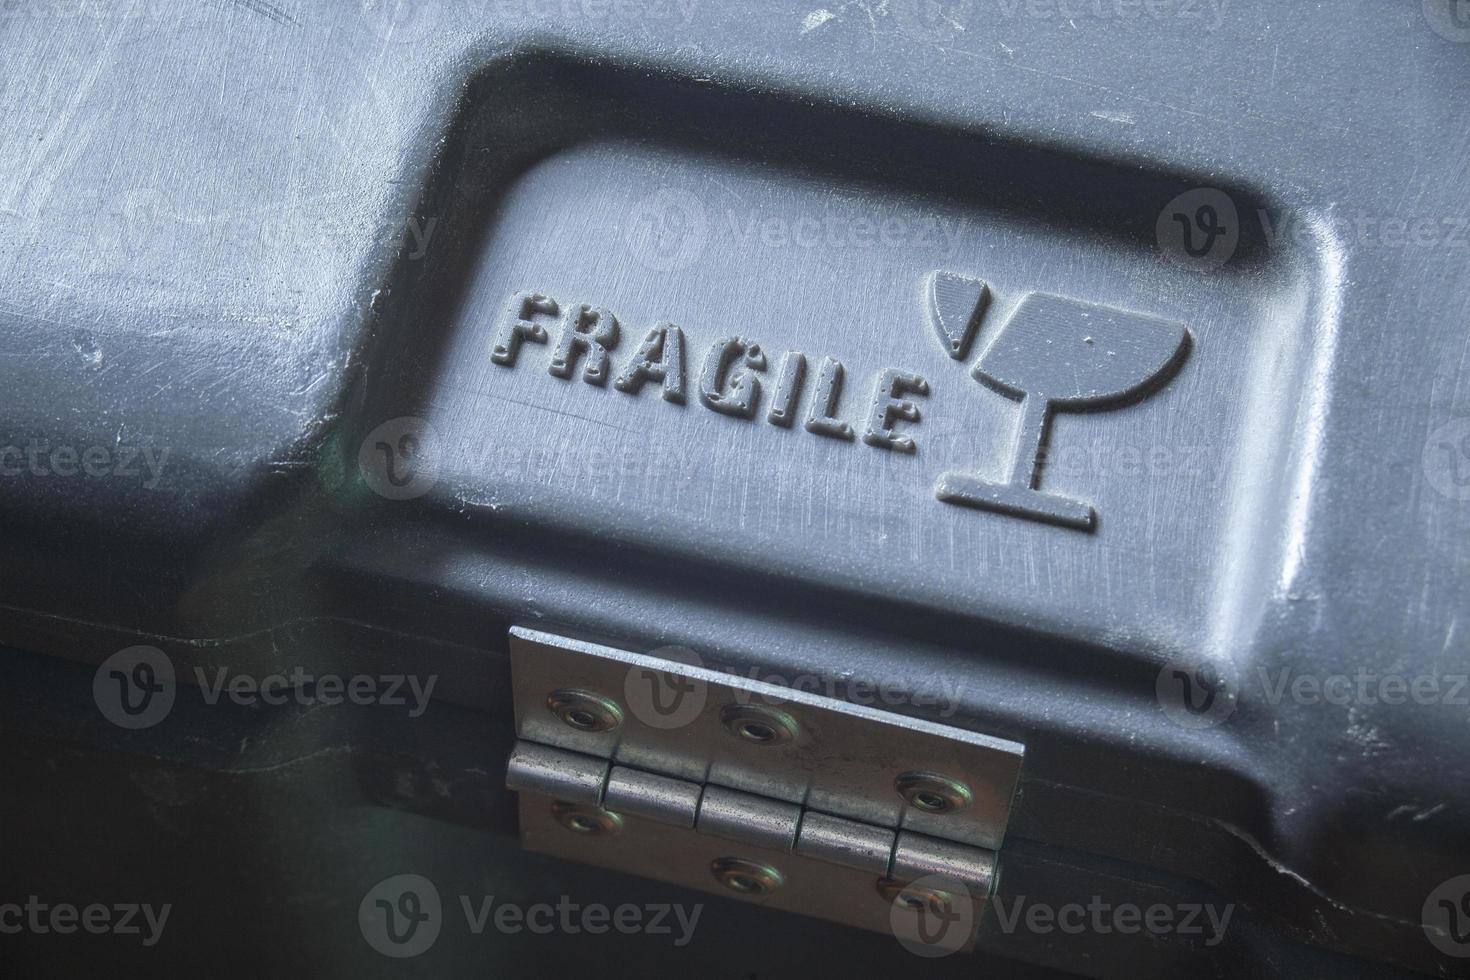 avertissement fragile photo